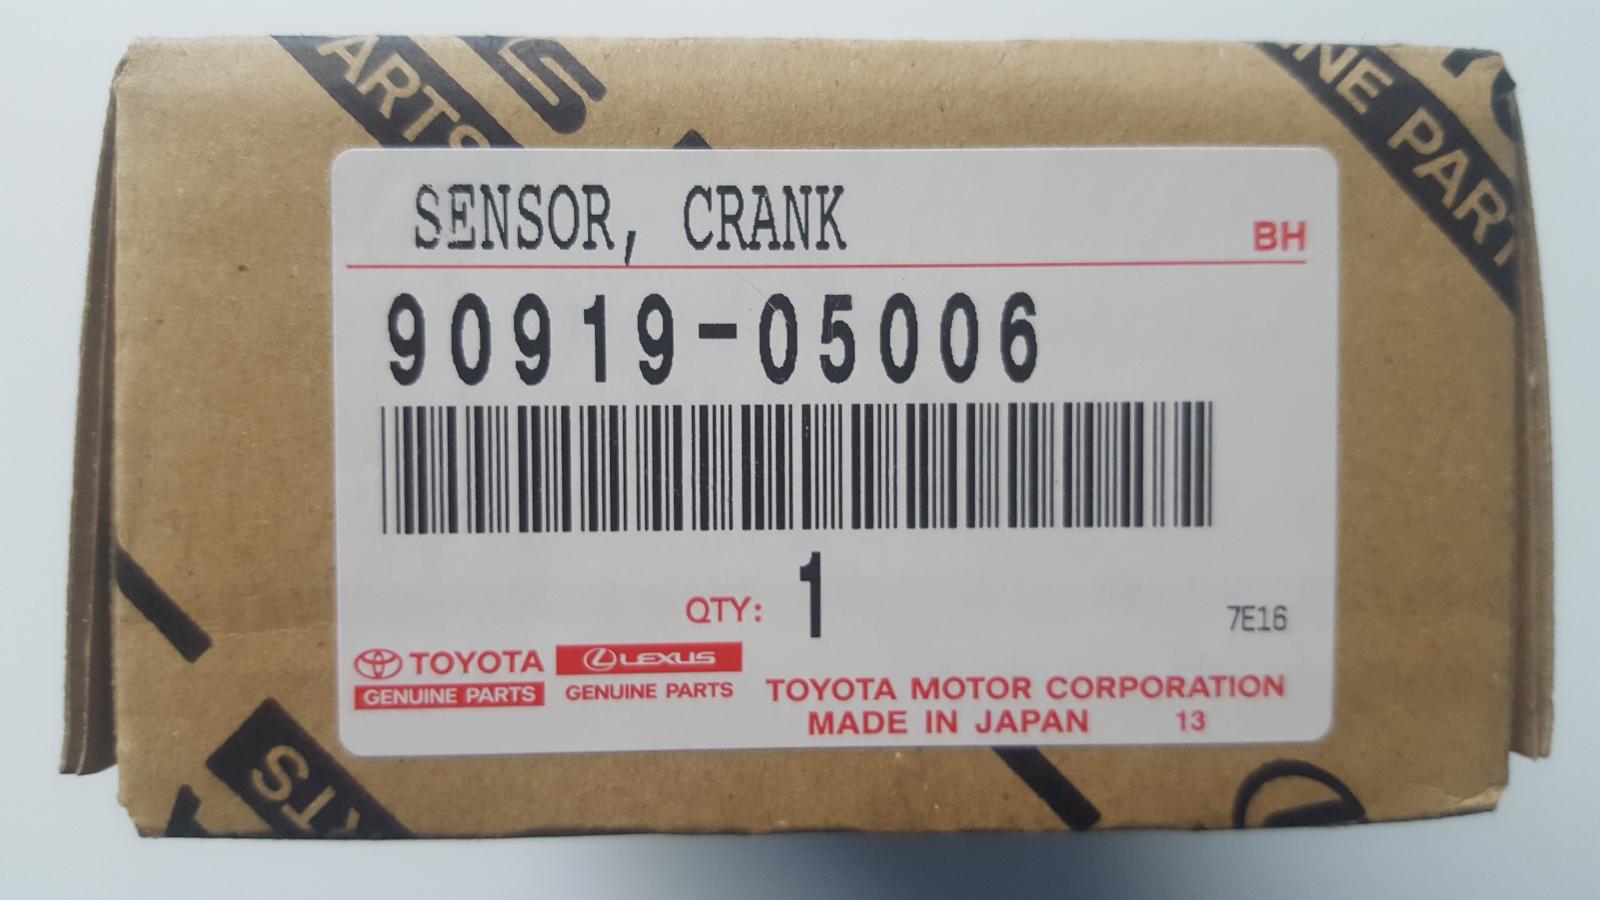 NEW GENUINE TOYOTA SUPRA TWIN TURBO CRANKSHAFT SENSOR 90919-05006 1993-1997